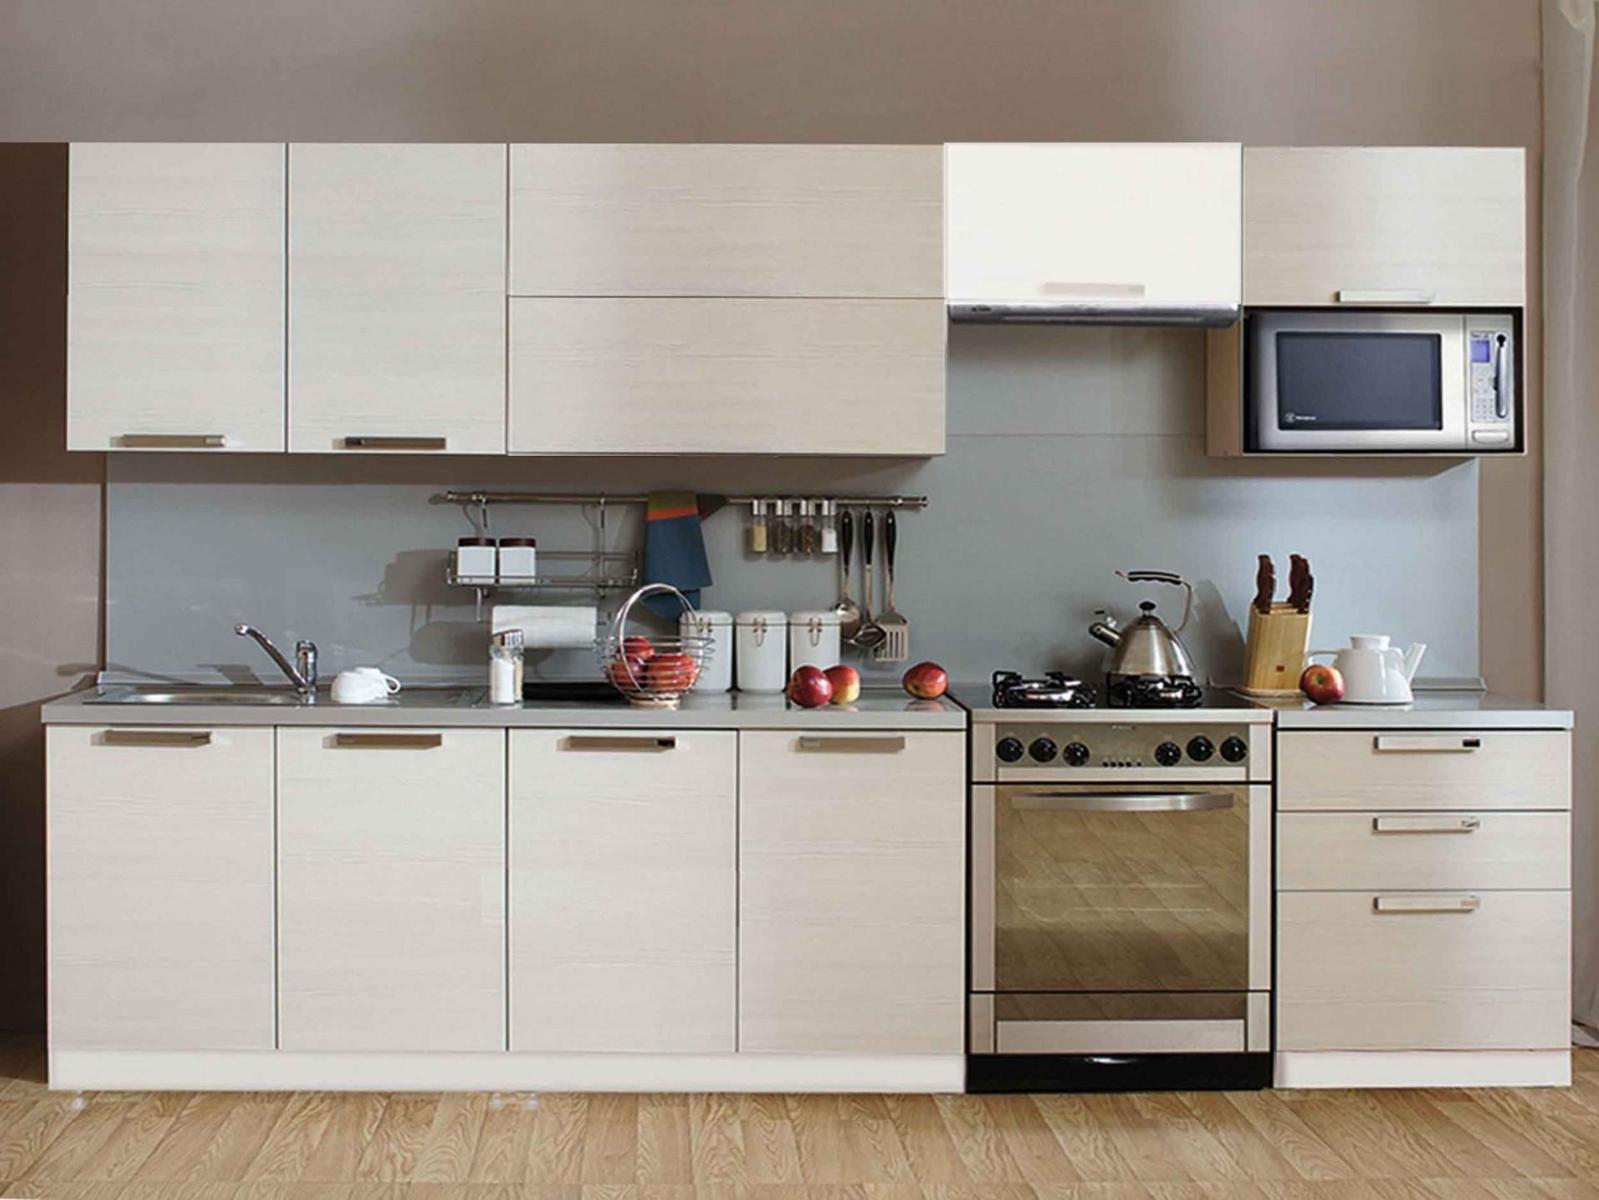 Кухонный гарнитур Трапеза Престиж 2200 (II категория) со шкафом под микроволновую печь